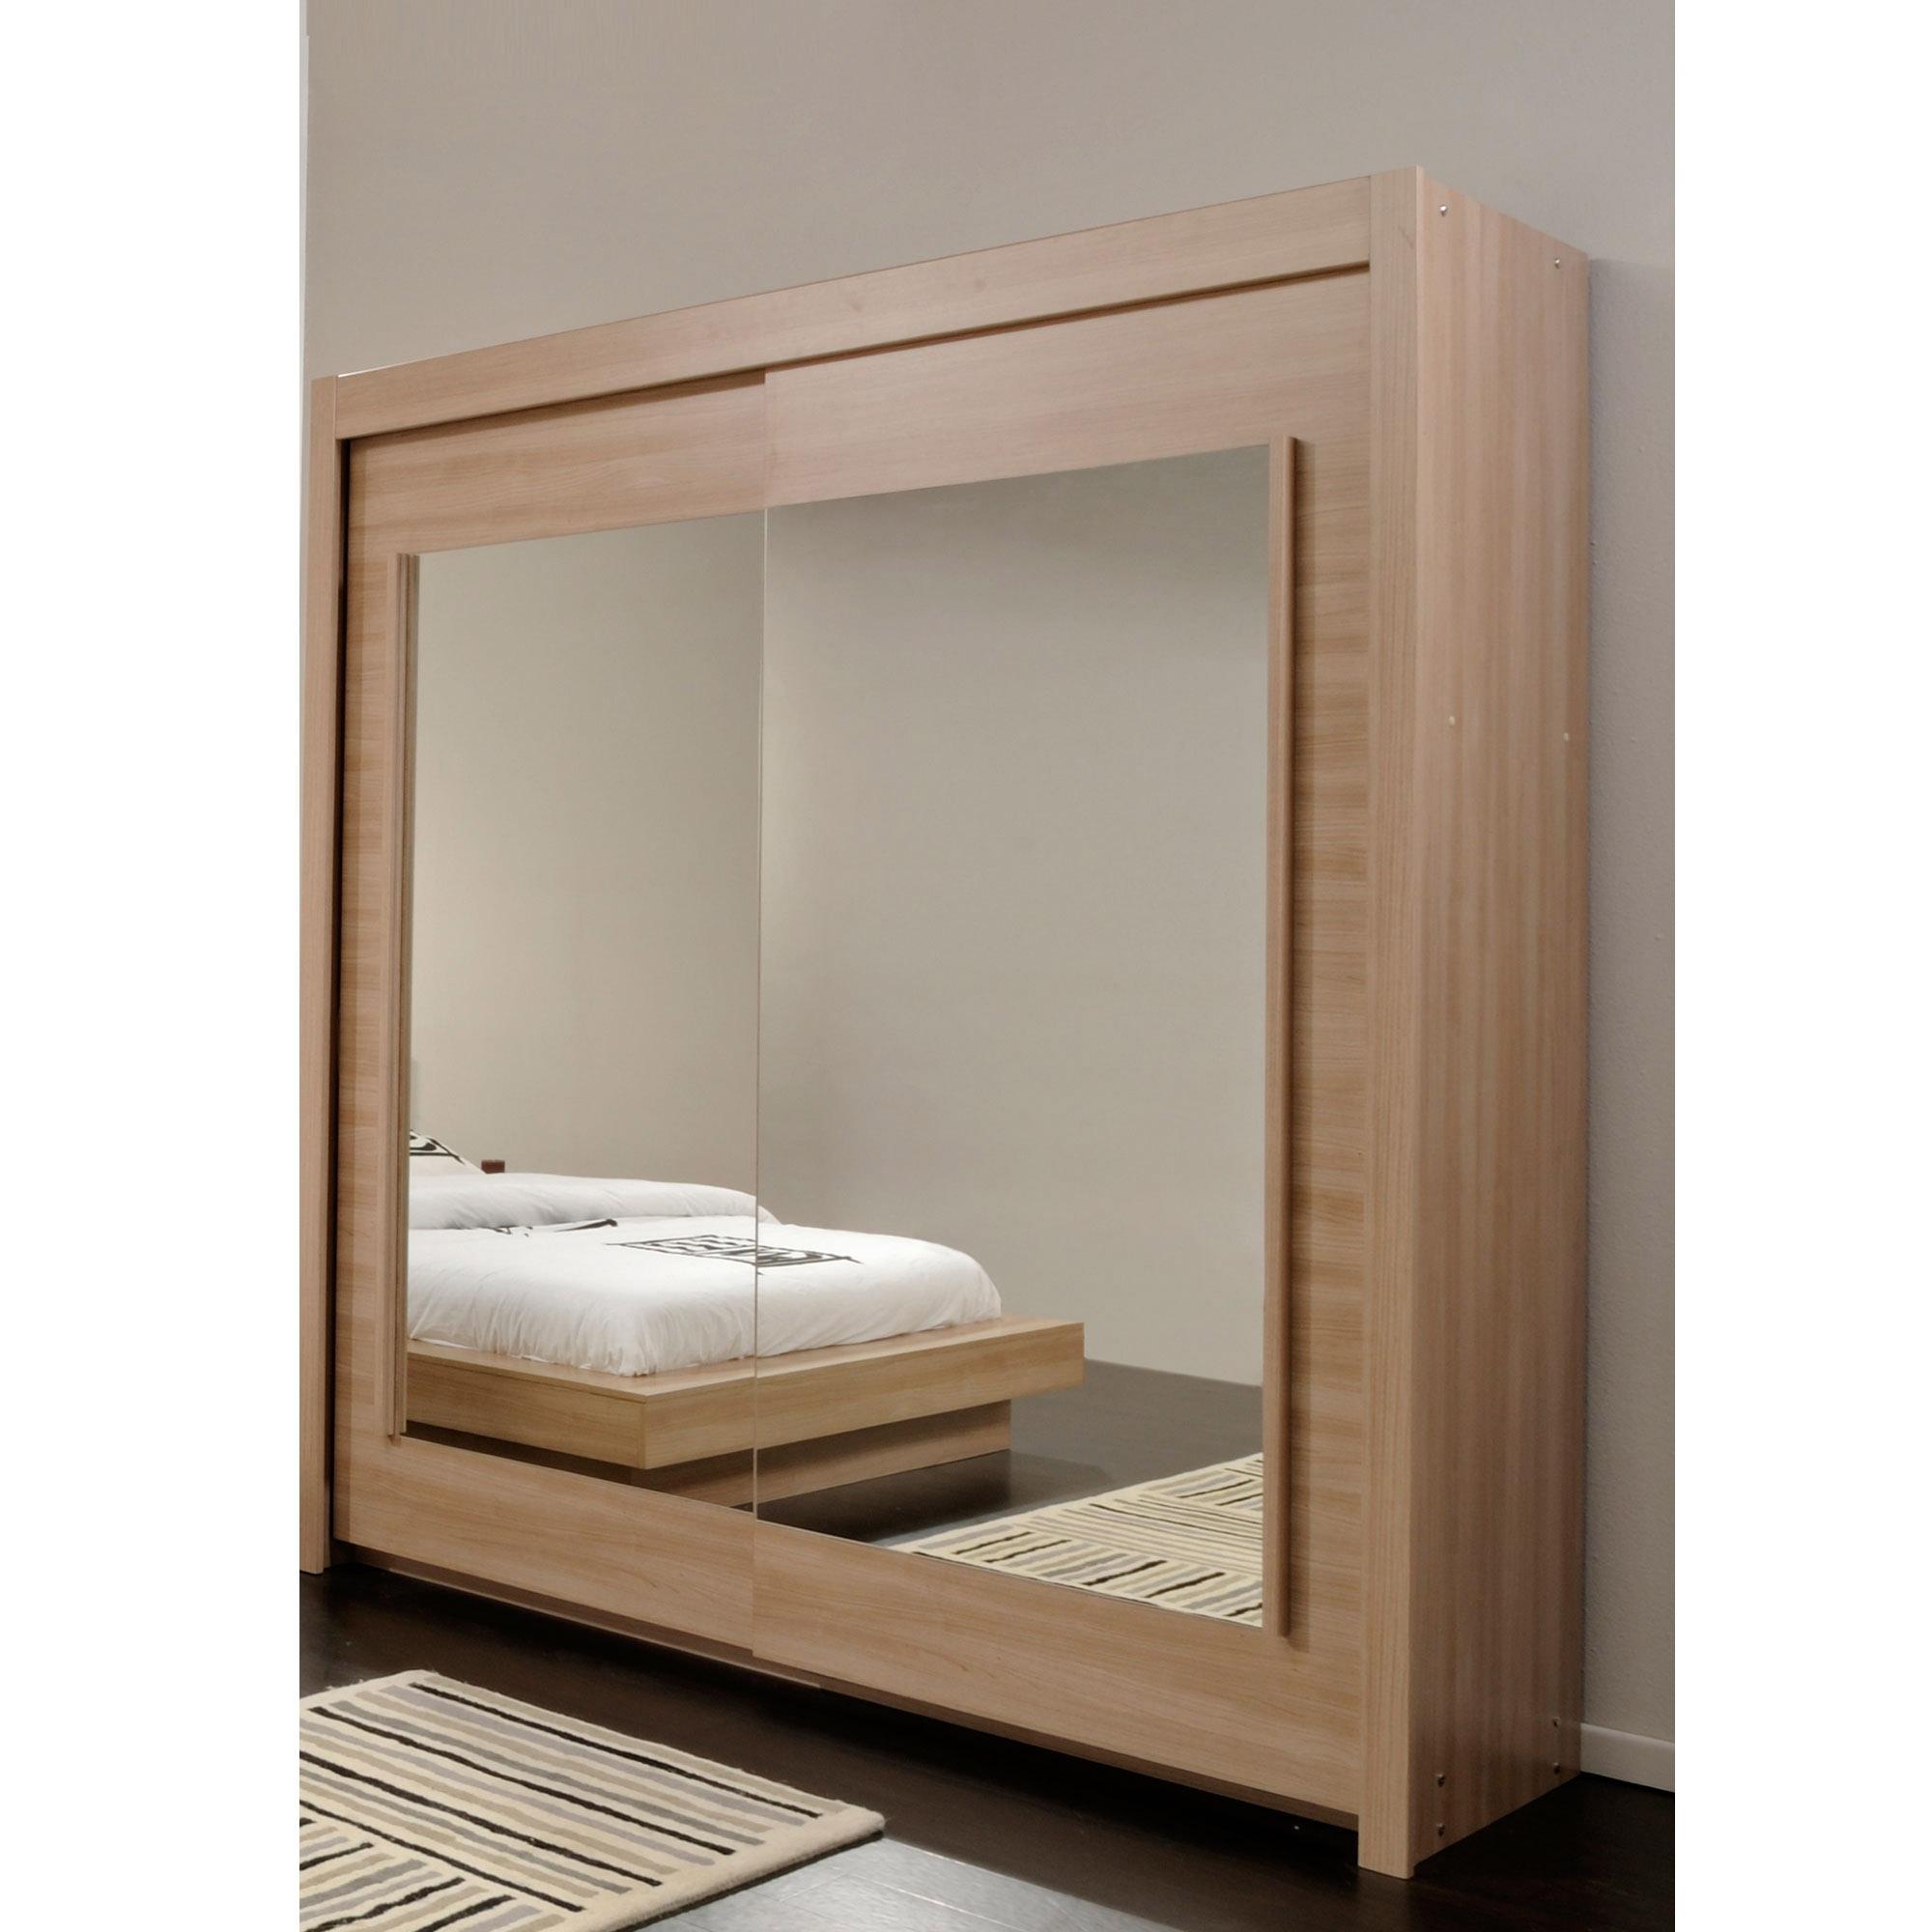 armoire porte coulissante et miroir armoire porte coulissante et tiroir armoire porte. Black Bedroom Furniture Sets. Home Design Ideas